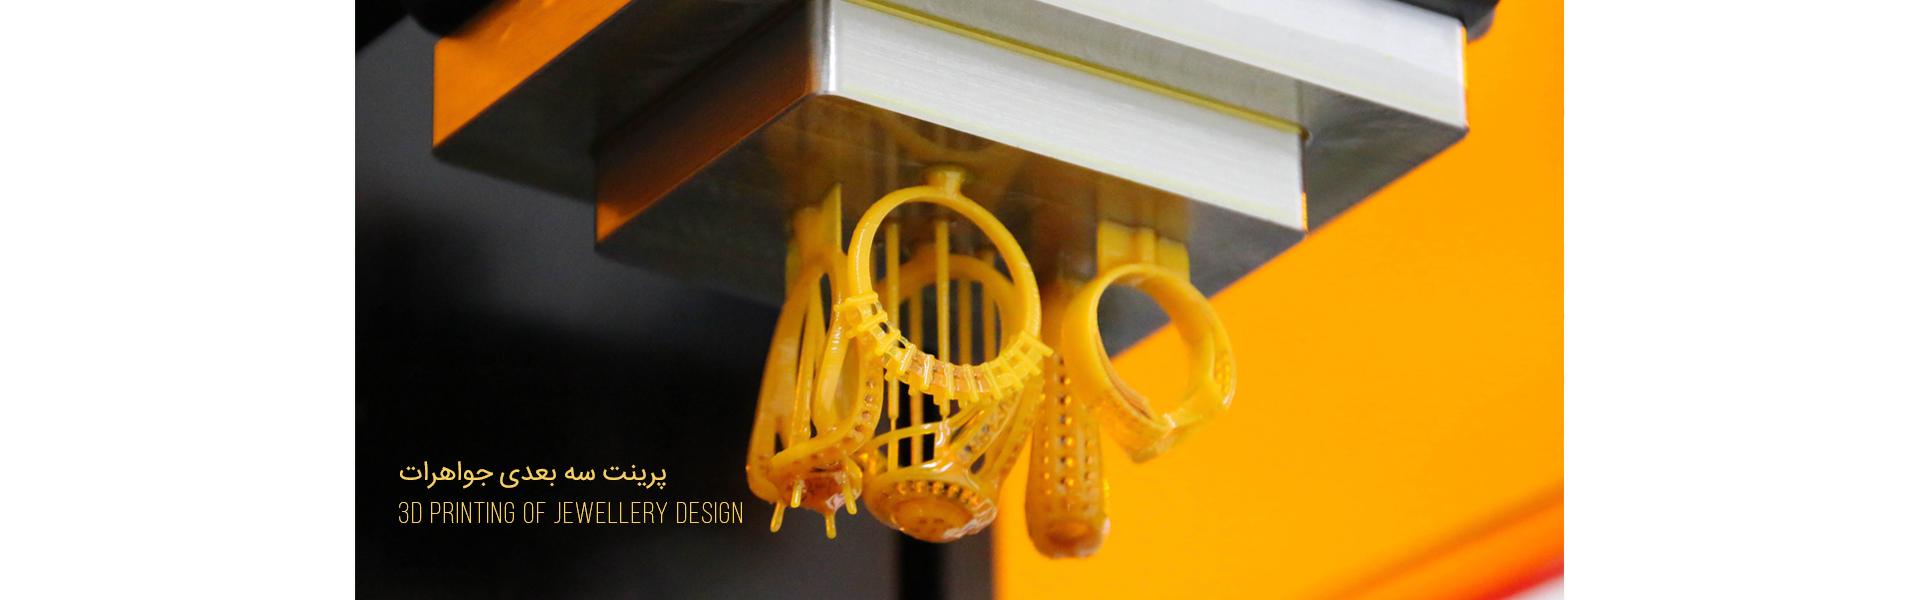 تصاویر پرینت سه بعدی جواهرات